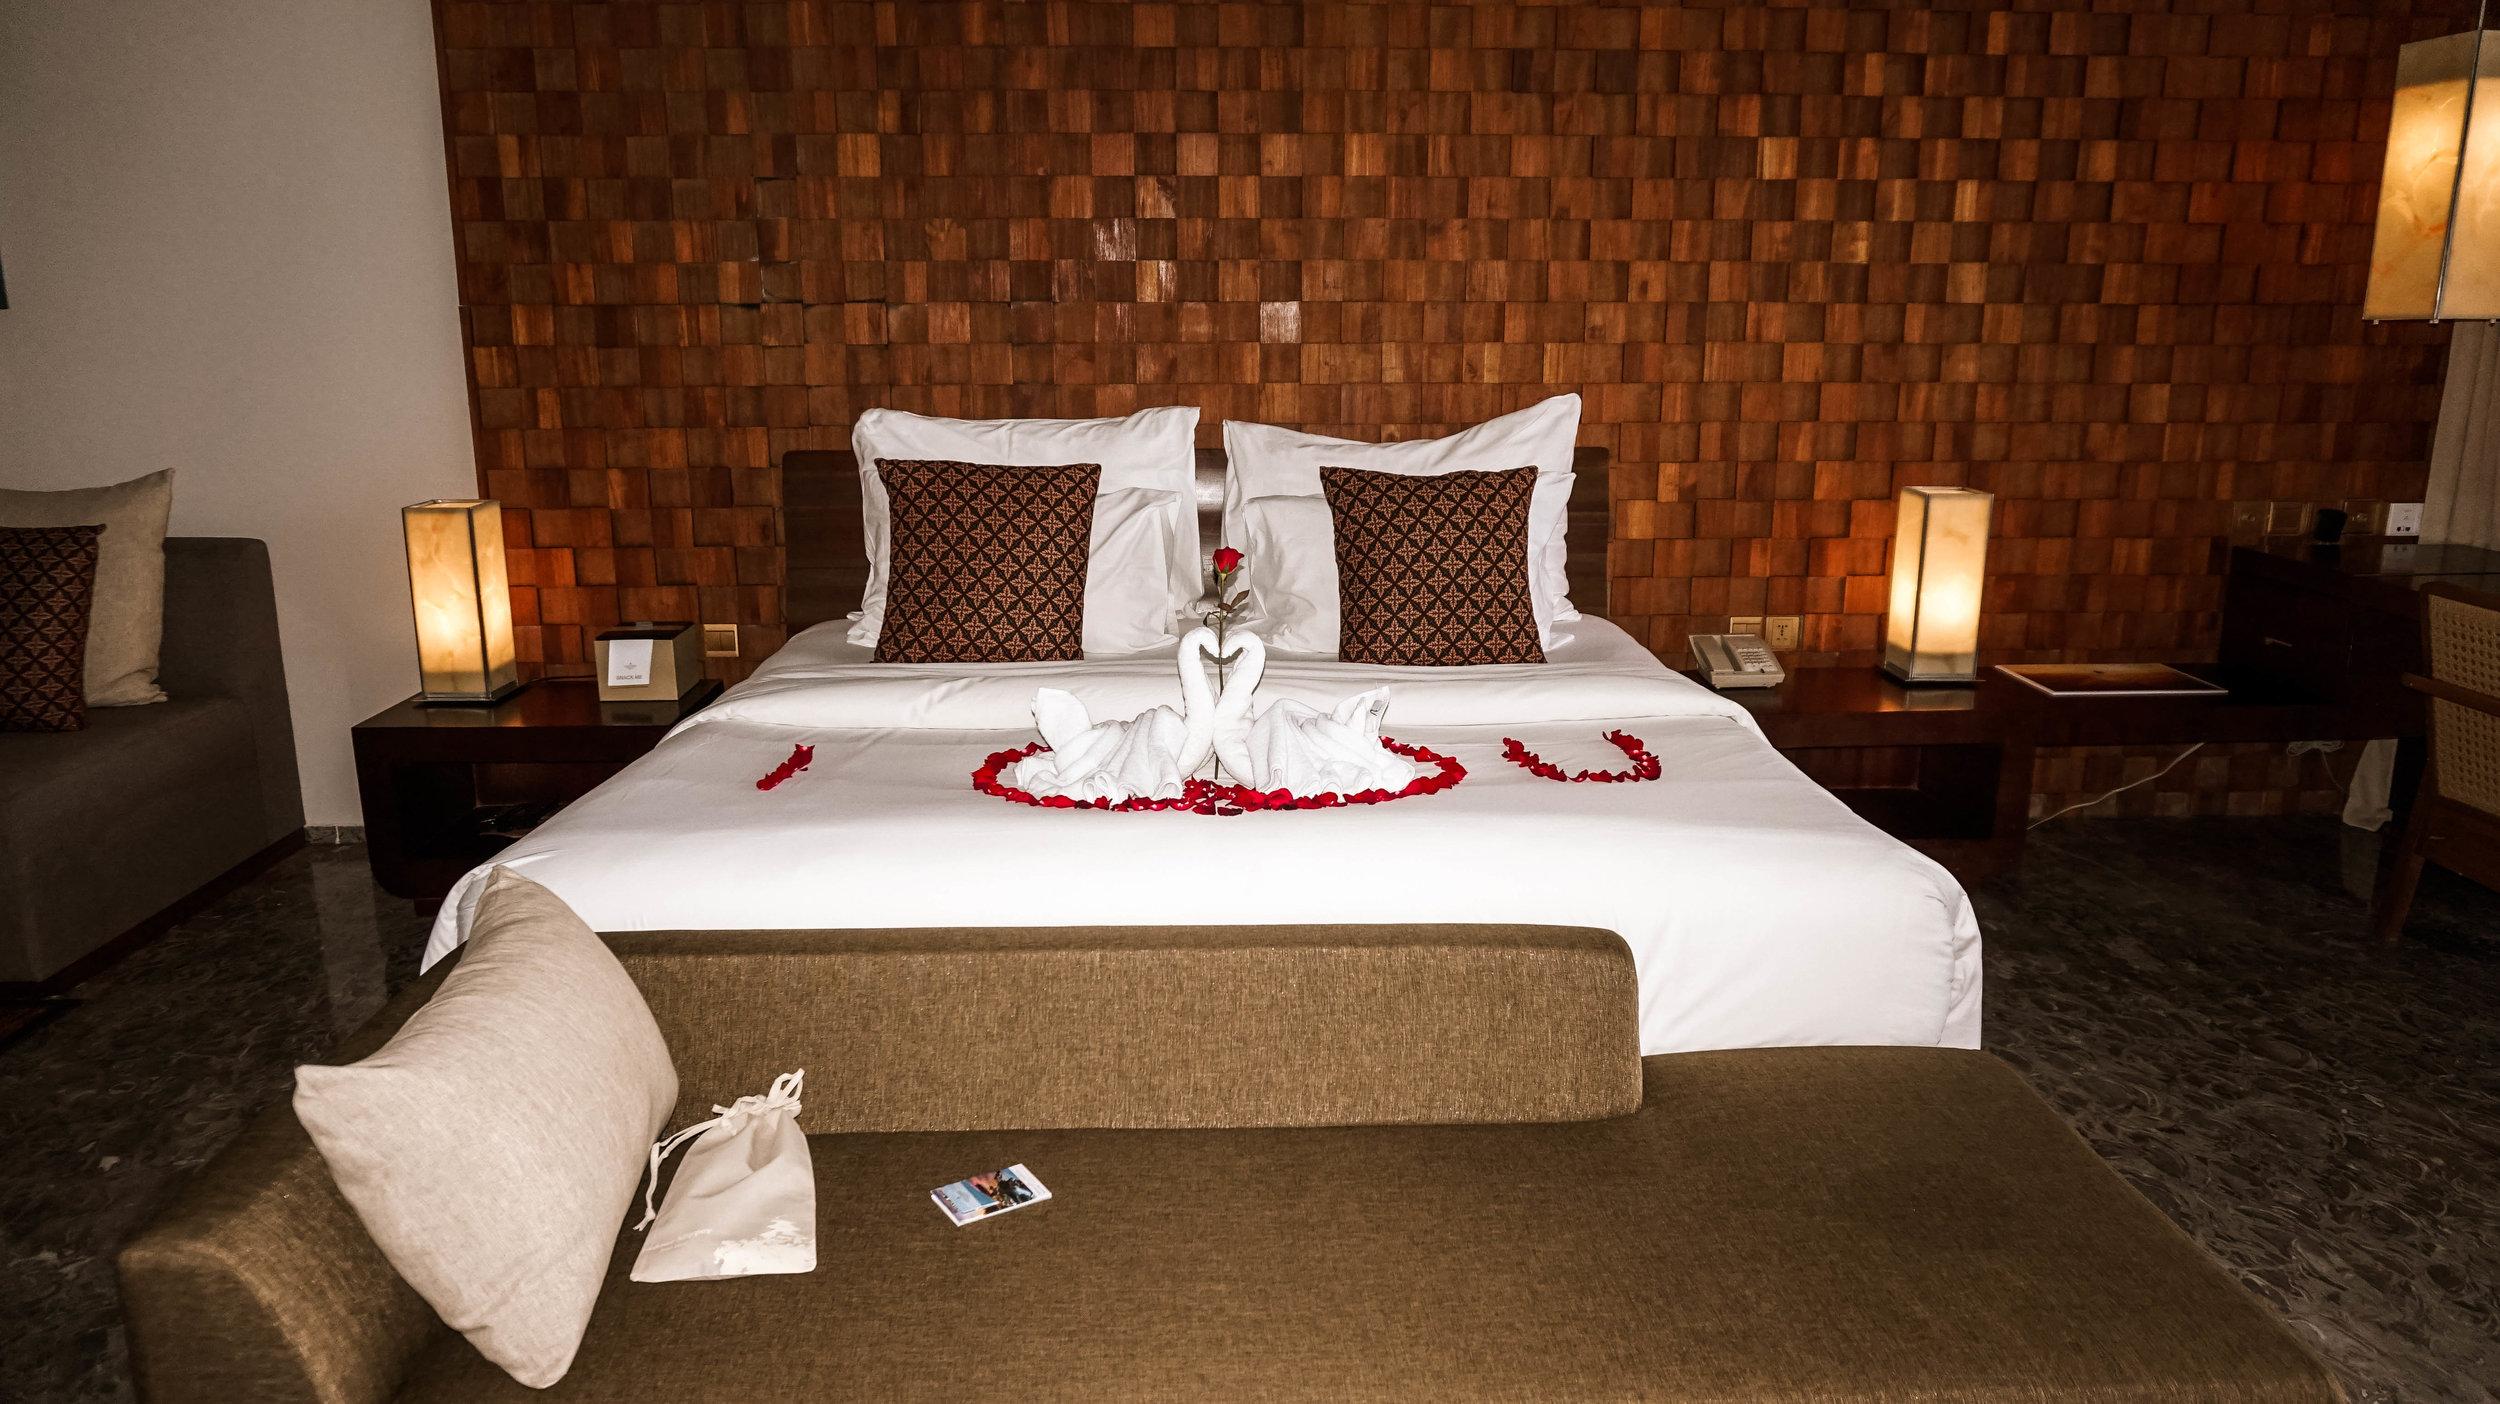 Anantara-uluwatu-bali-resort-ocean-front-suite-2018.jpg